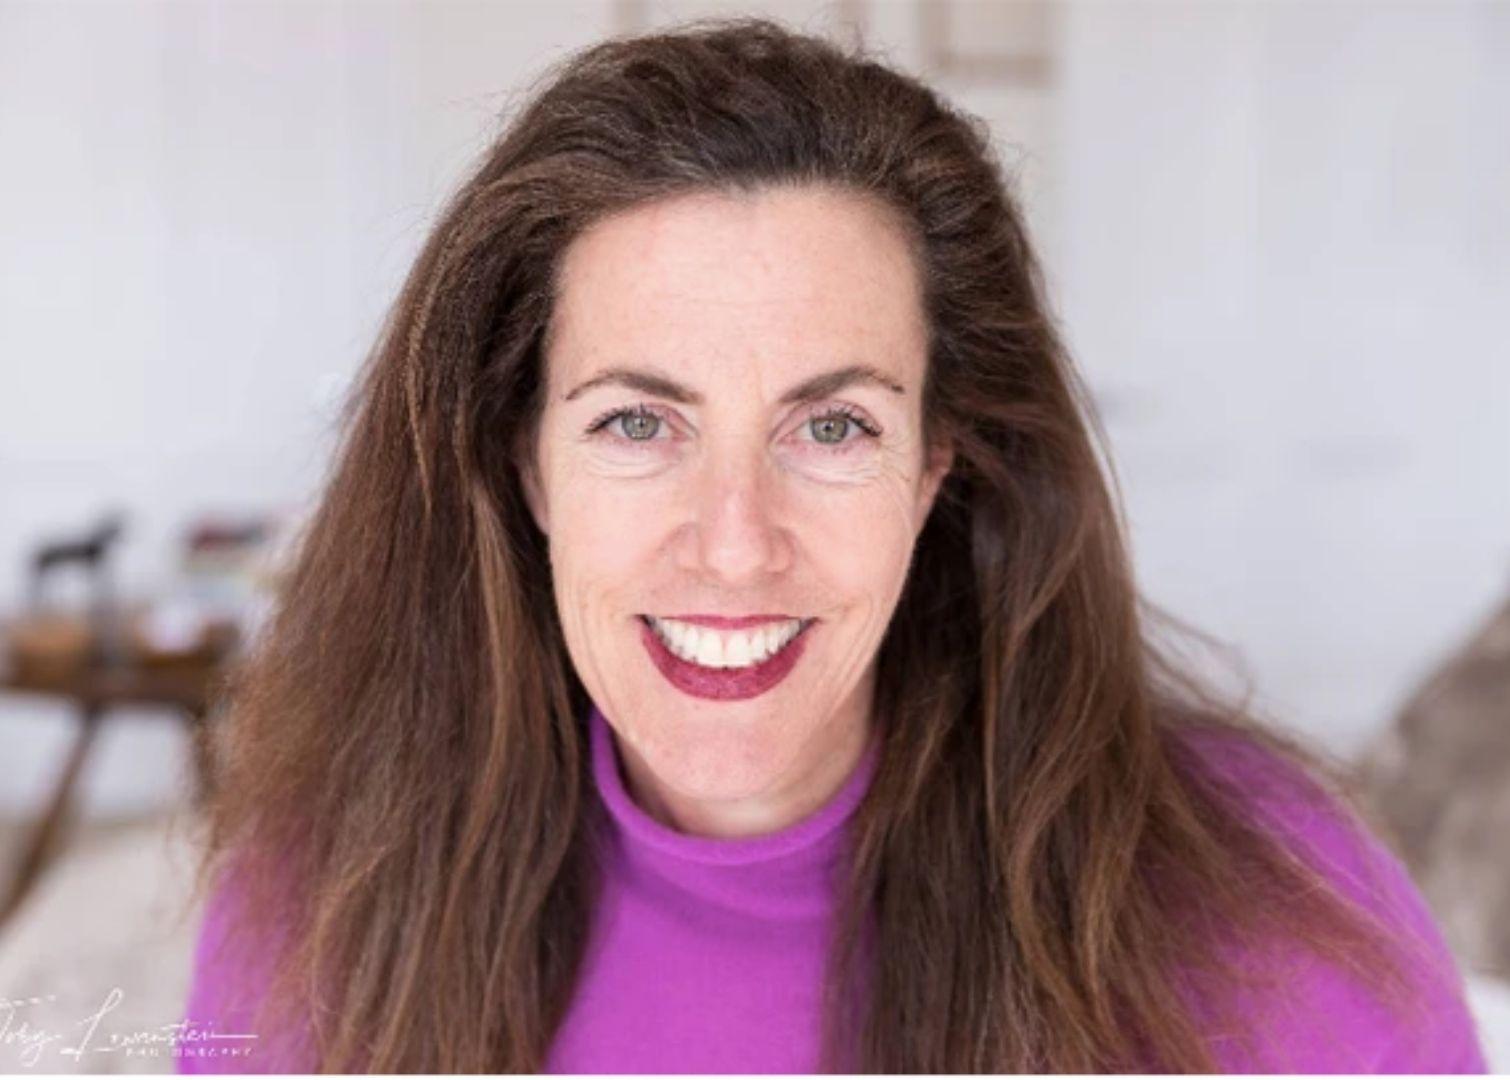 Photo of woman in purple jumper